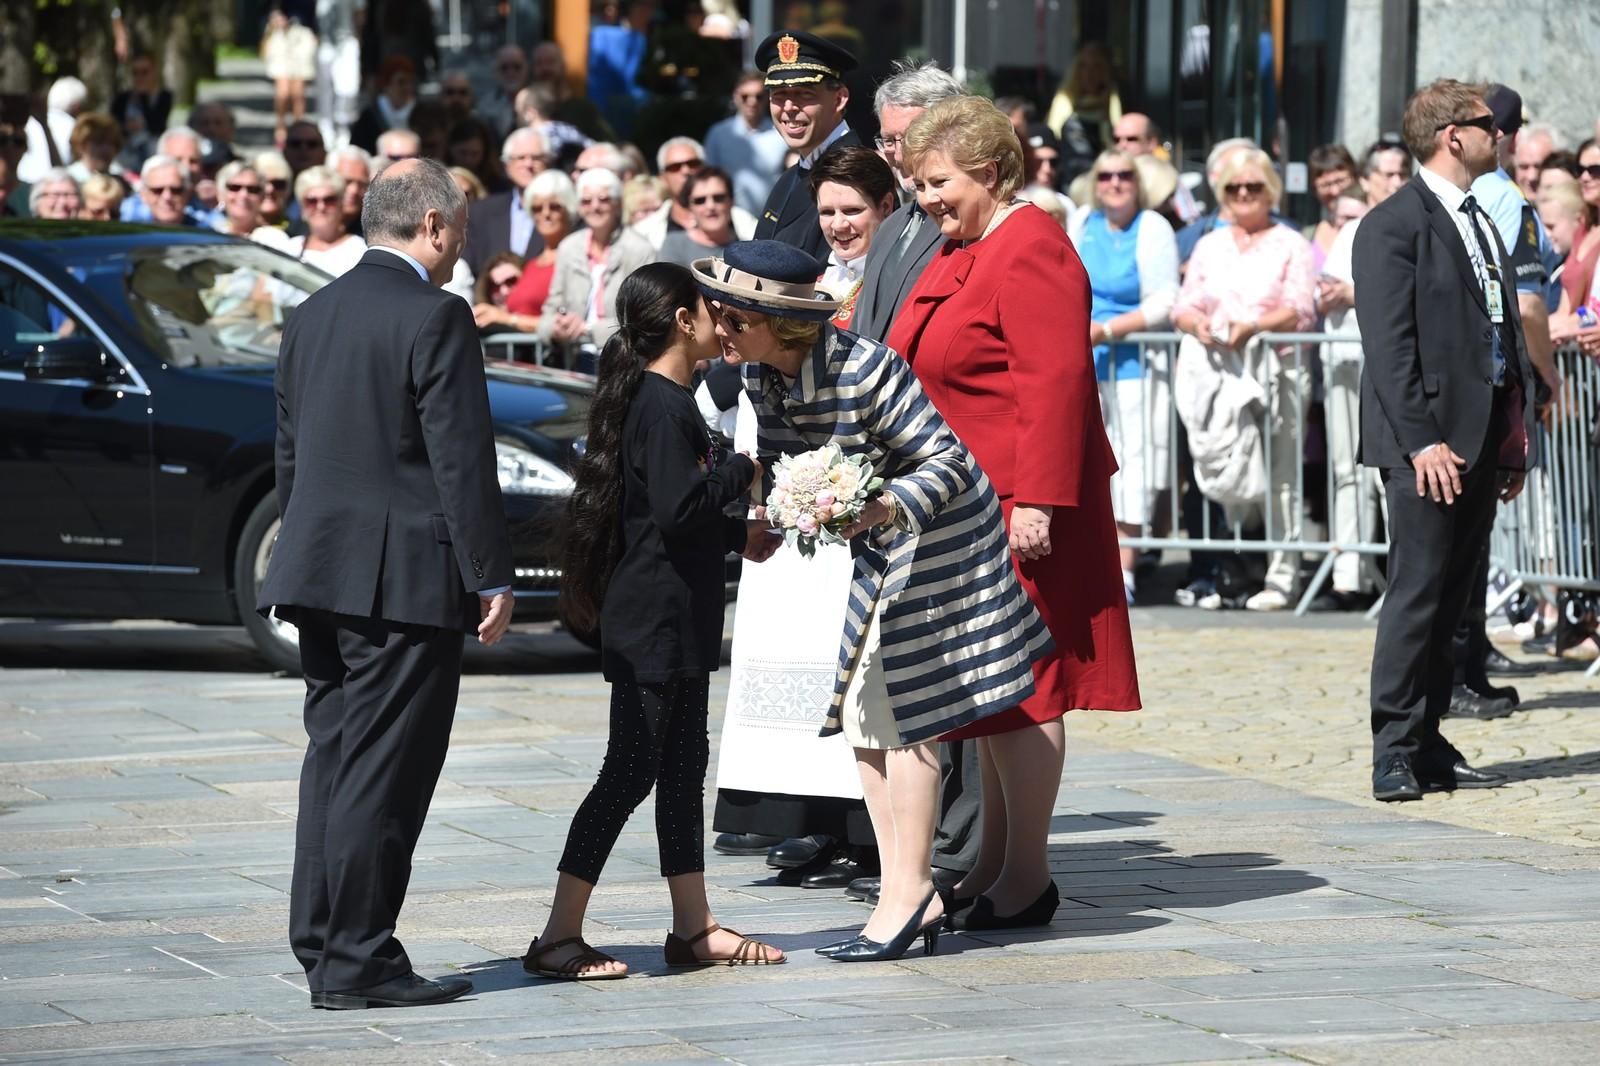 Sali (11) gir blomster til Dronning Sonja. Statsminister Erna Solberg, bergensordfører Marte Mjøs Persen og politimester Kaare Songstad følger med.